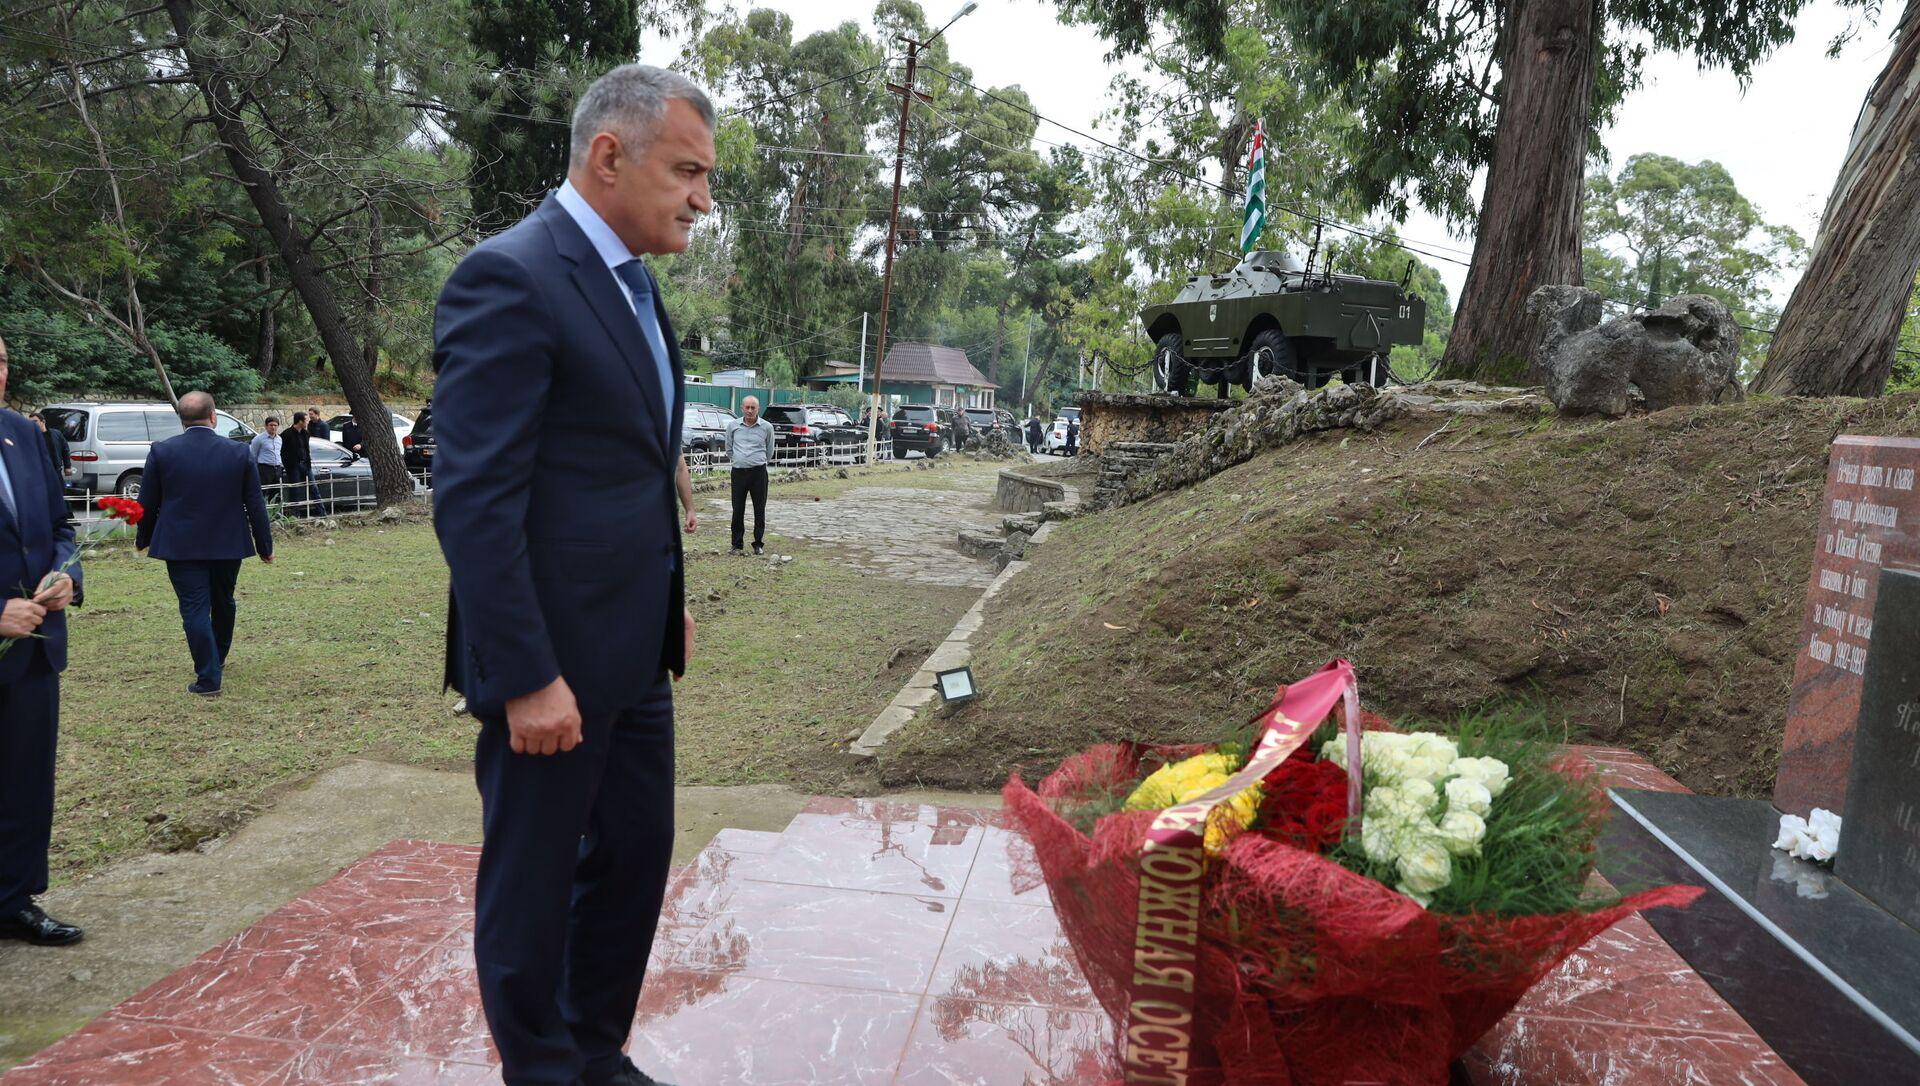 Президент Анатолий Бибилов возложил цветы к памятнику югоосетинским добровольцам в Абхазии - Sputnik Южная Осетия, 1920, 27.09.2021